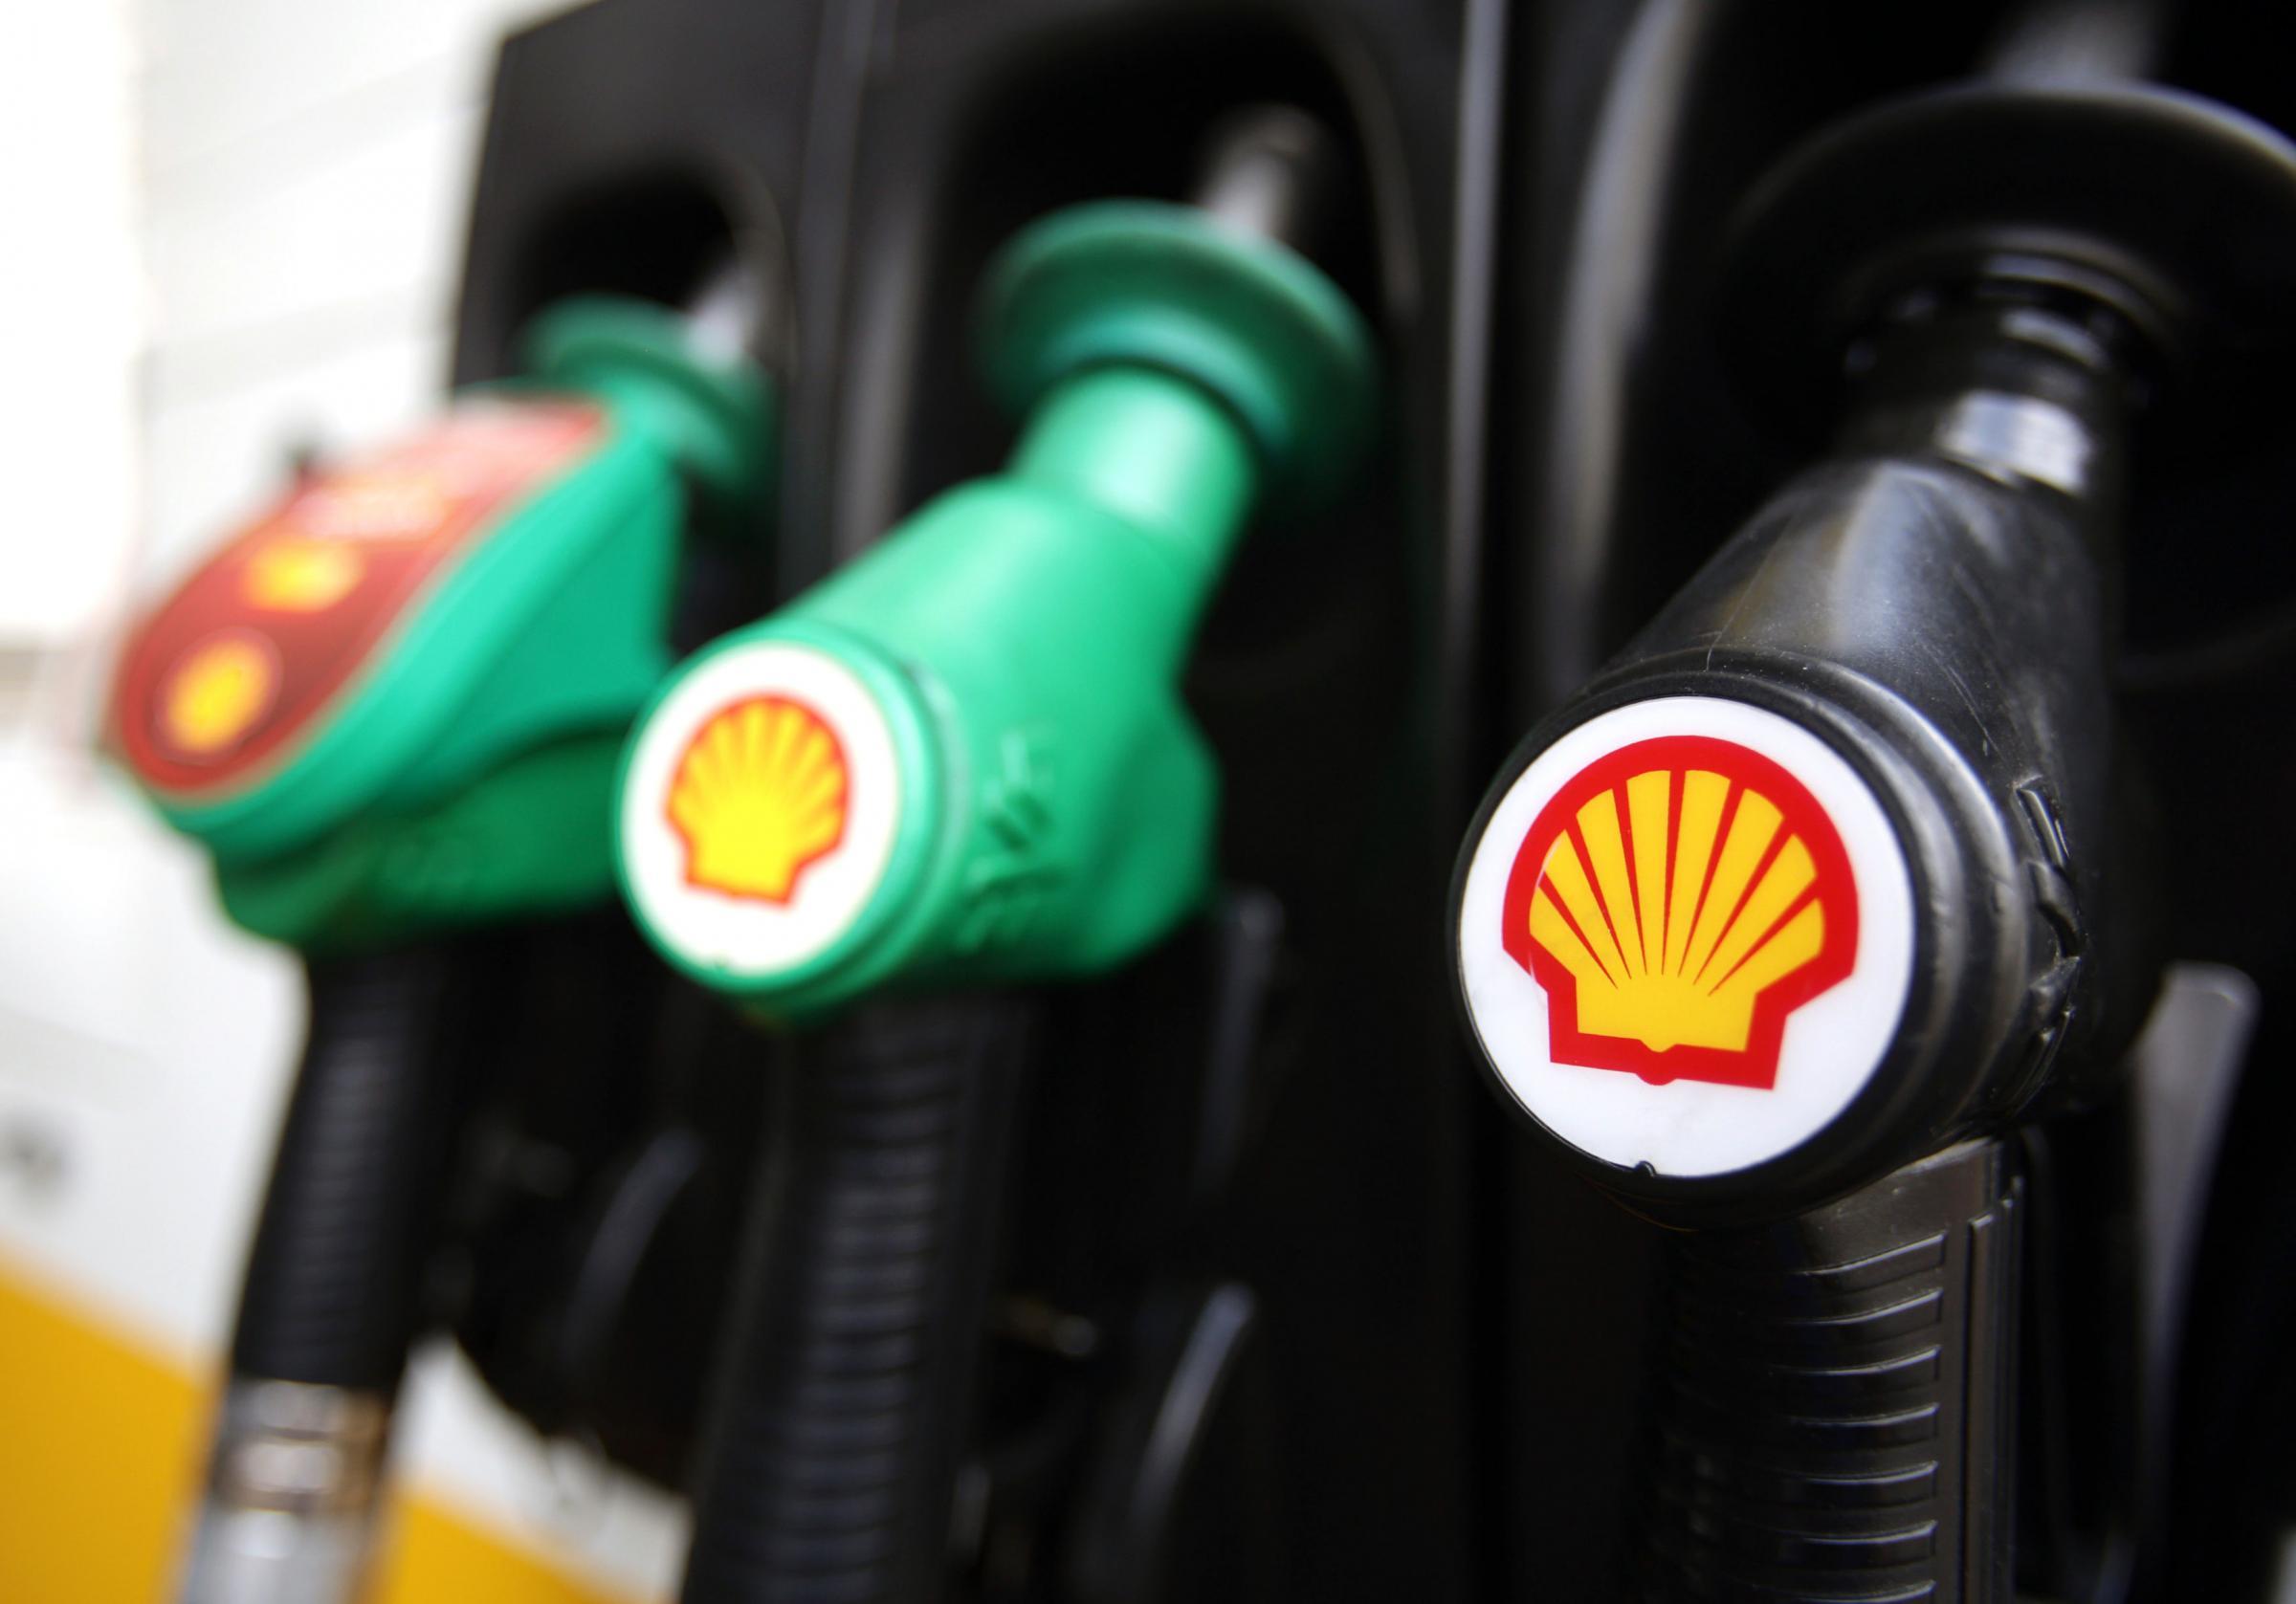 Los precios del petróleo elevan el FTSE mientras el informe de empleos en EE. UU. Decepciona